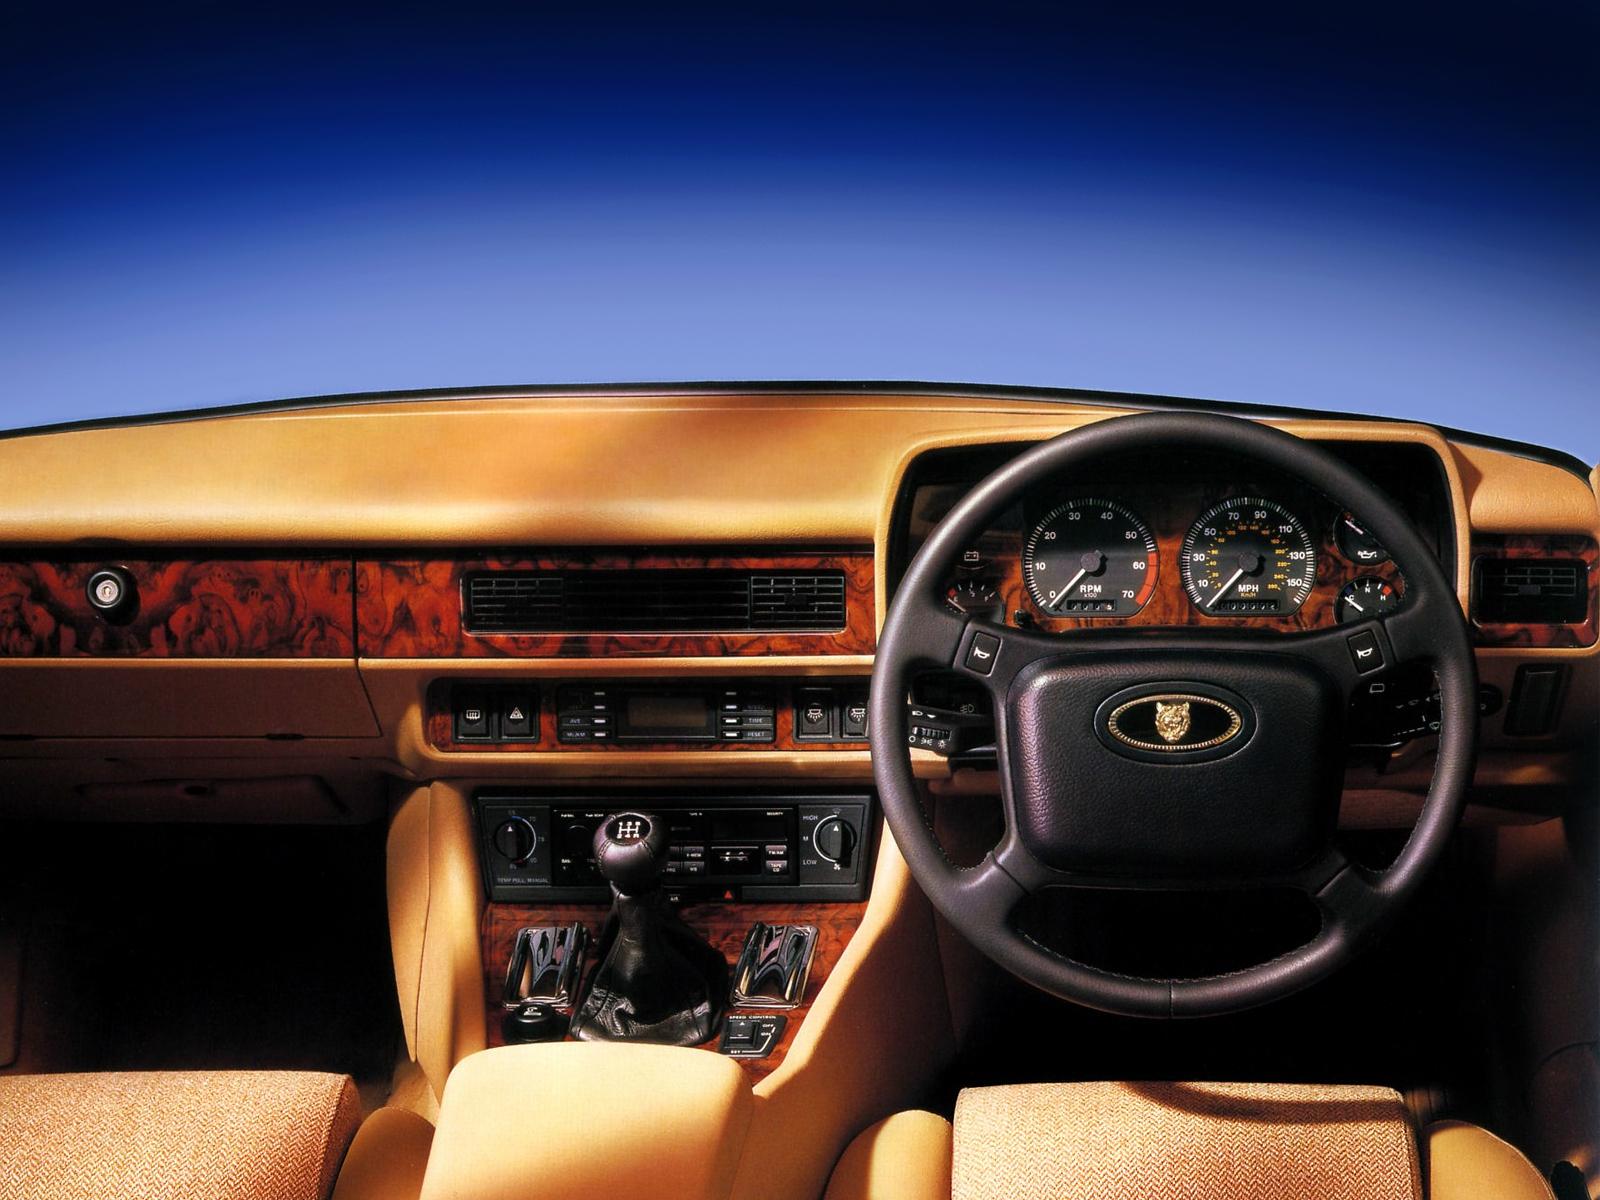 Den lyxigt propra och trånga interiören i XJS. Bilden visar inredningen i en bil av -92 års modell eller nyare, här med den udda kombinationen av manuell låda och tweed-klädsel!